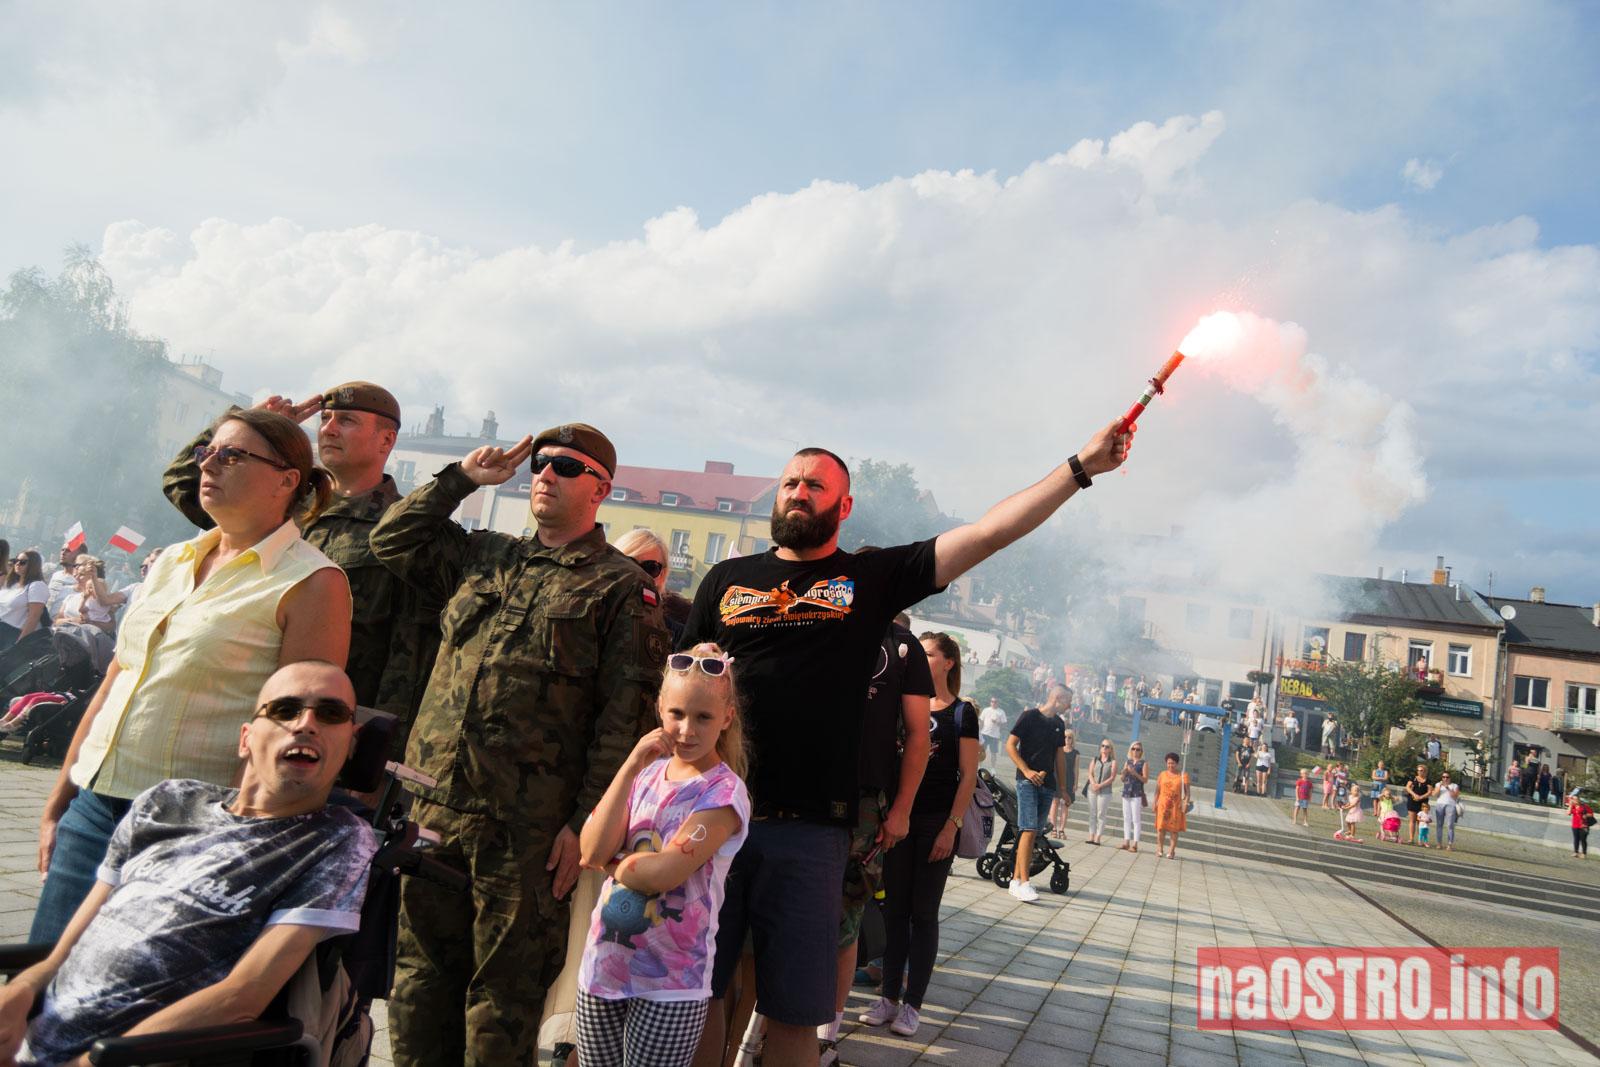 NaOSTRO Powstanie Warszawskie-23